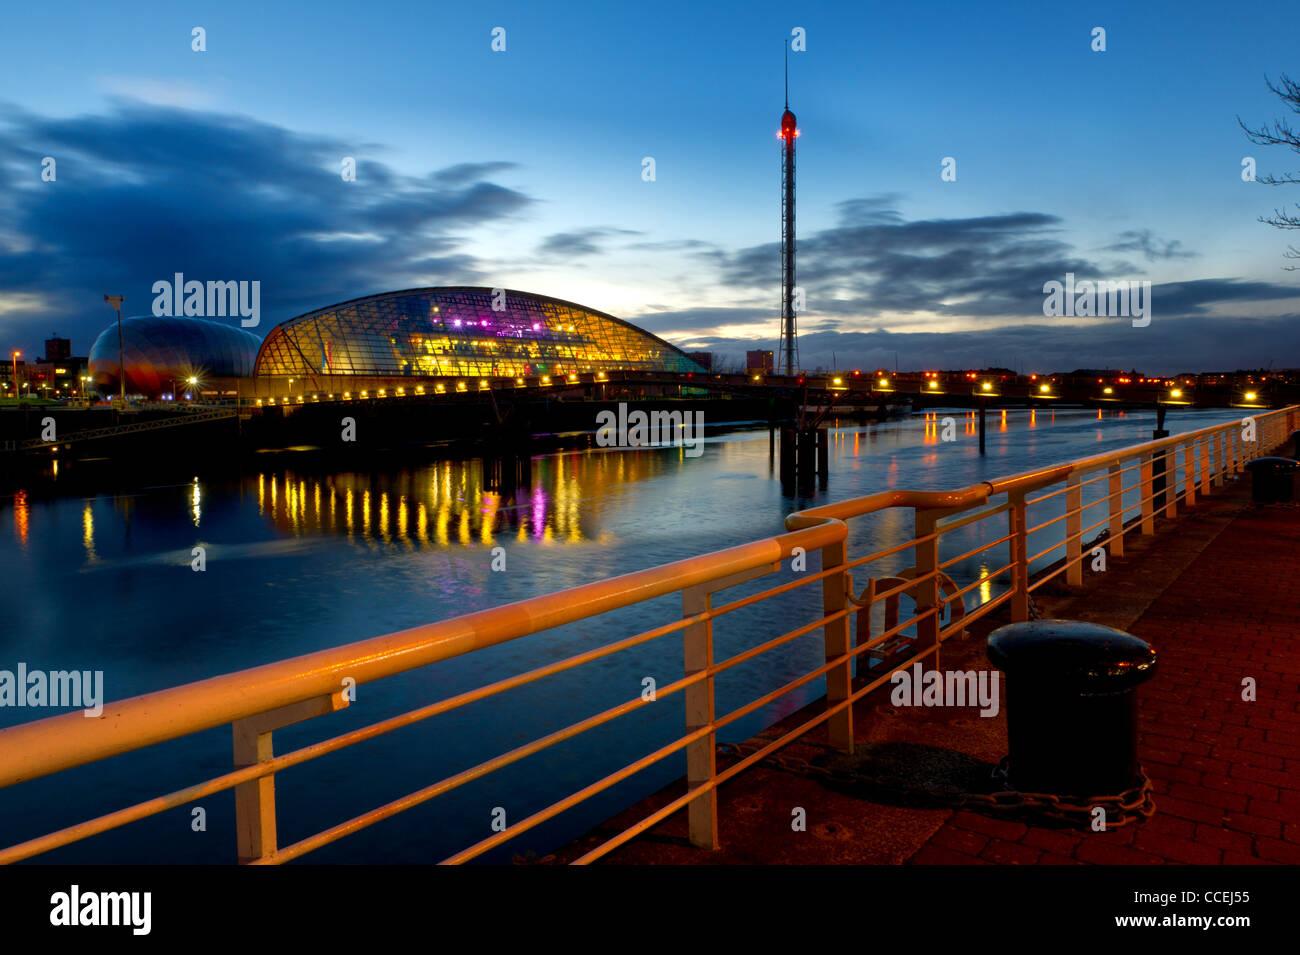 Glasgow Science Centre & Turm durch den River Clyde, Glasgow in der Nacht. Stockbild